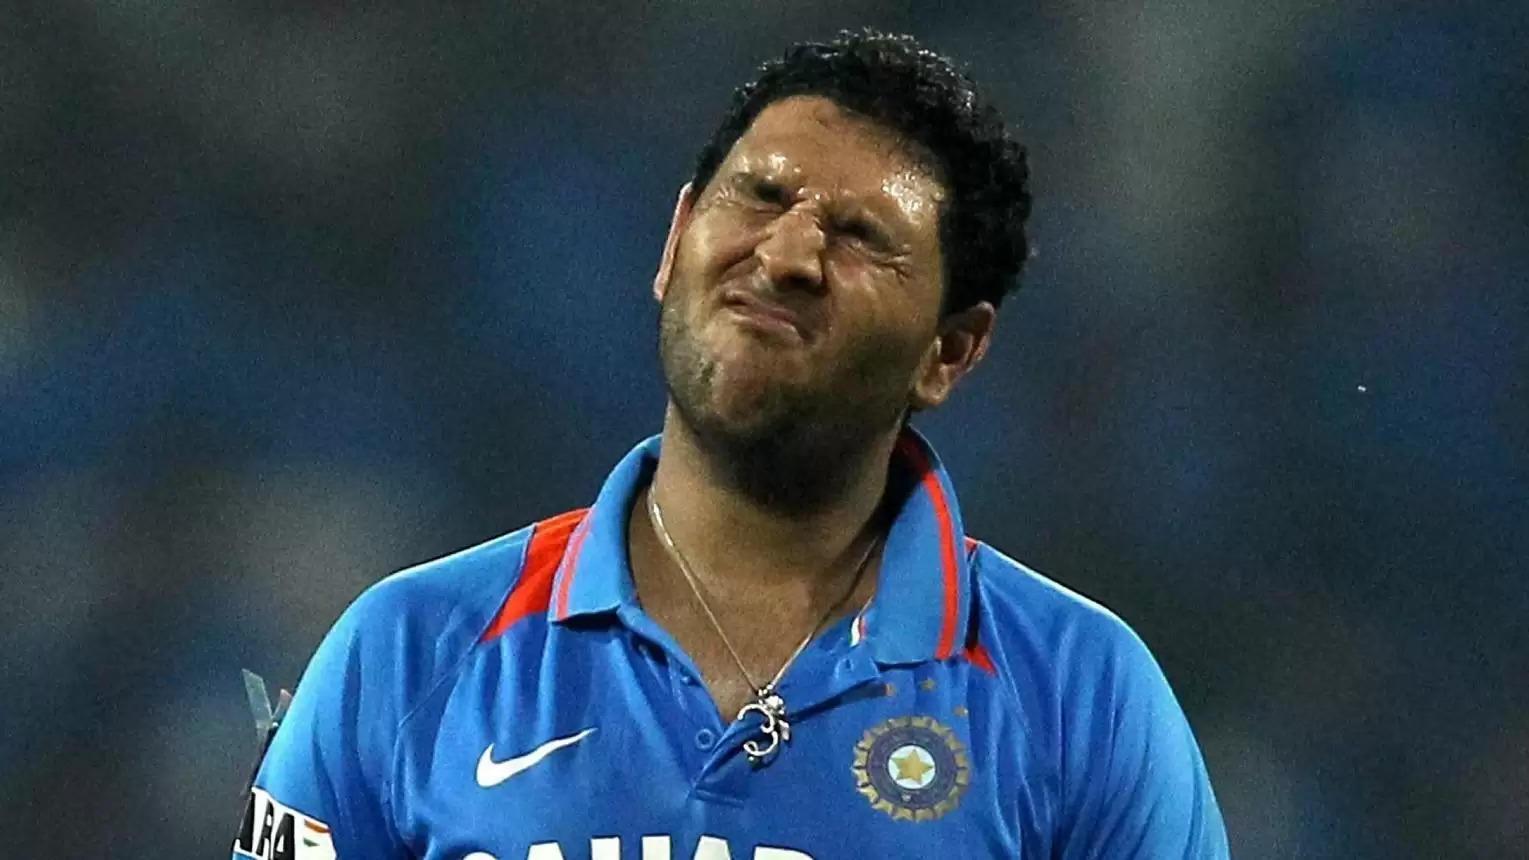 क्रिकेटर युवराज सिंह की बढ़ सकती है मुश्किलें, जातिसूचक शब्दों का मामला पहुंचा विशेष कोर्ट